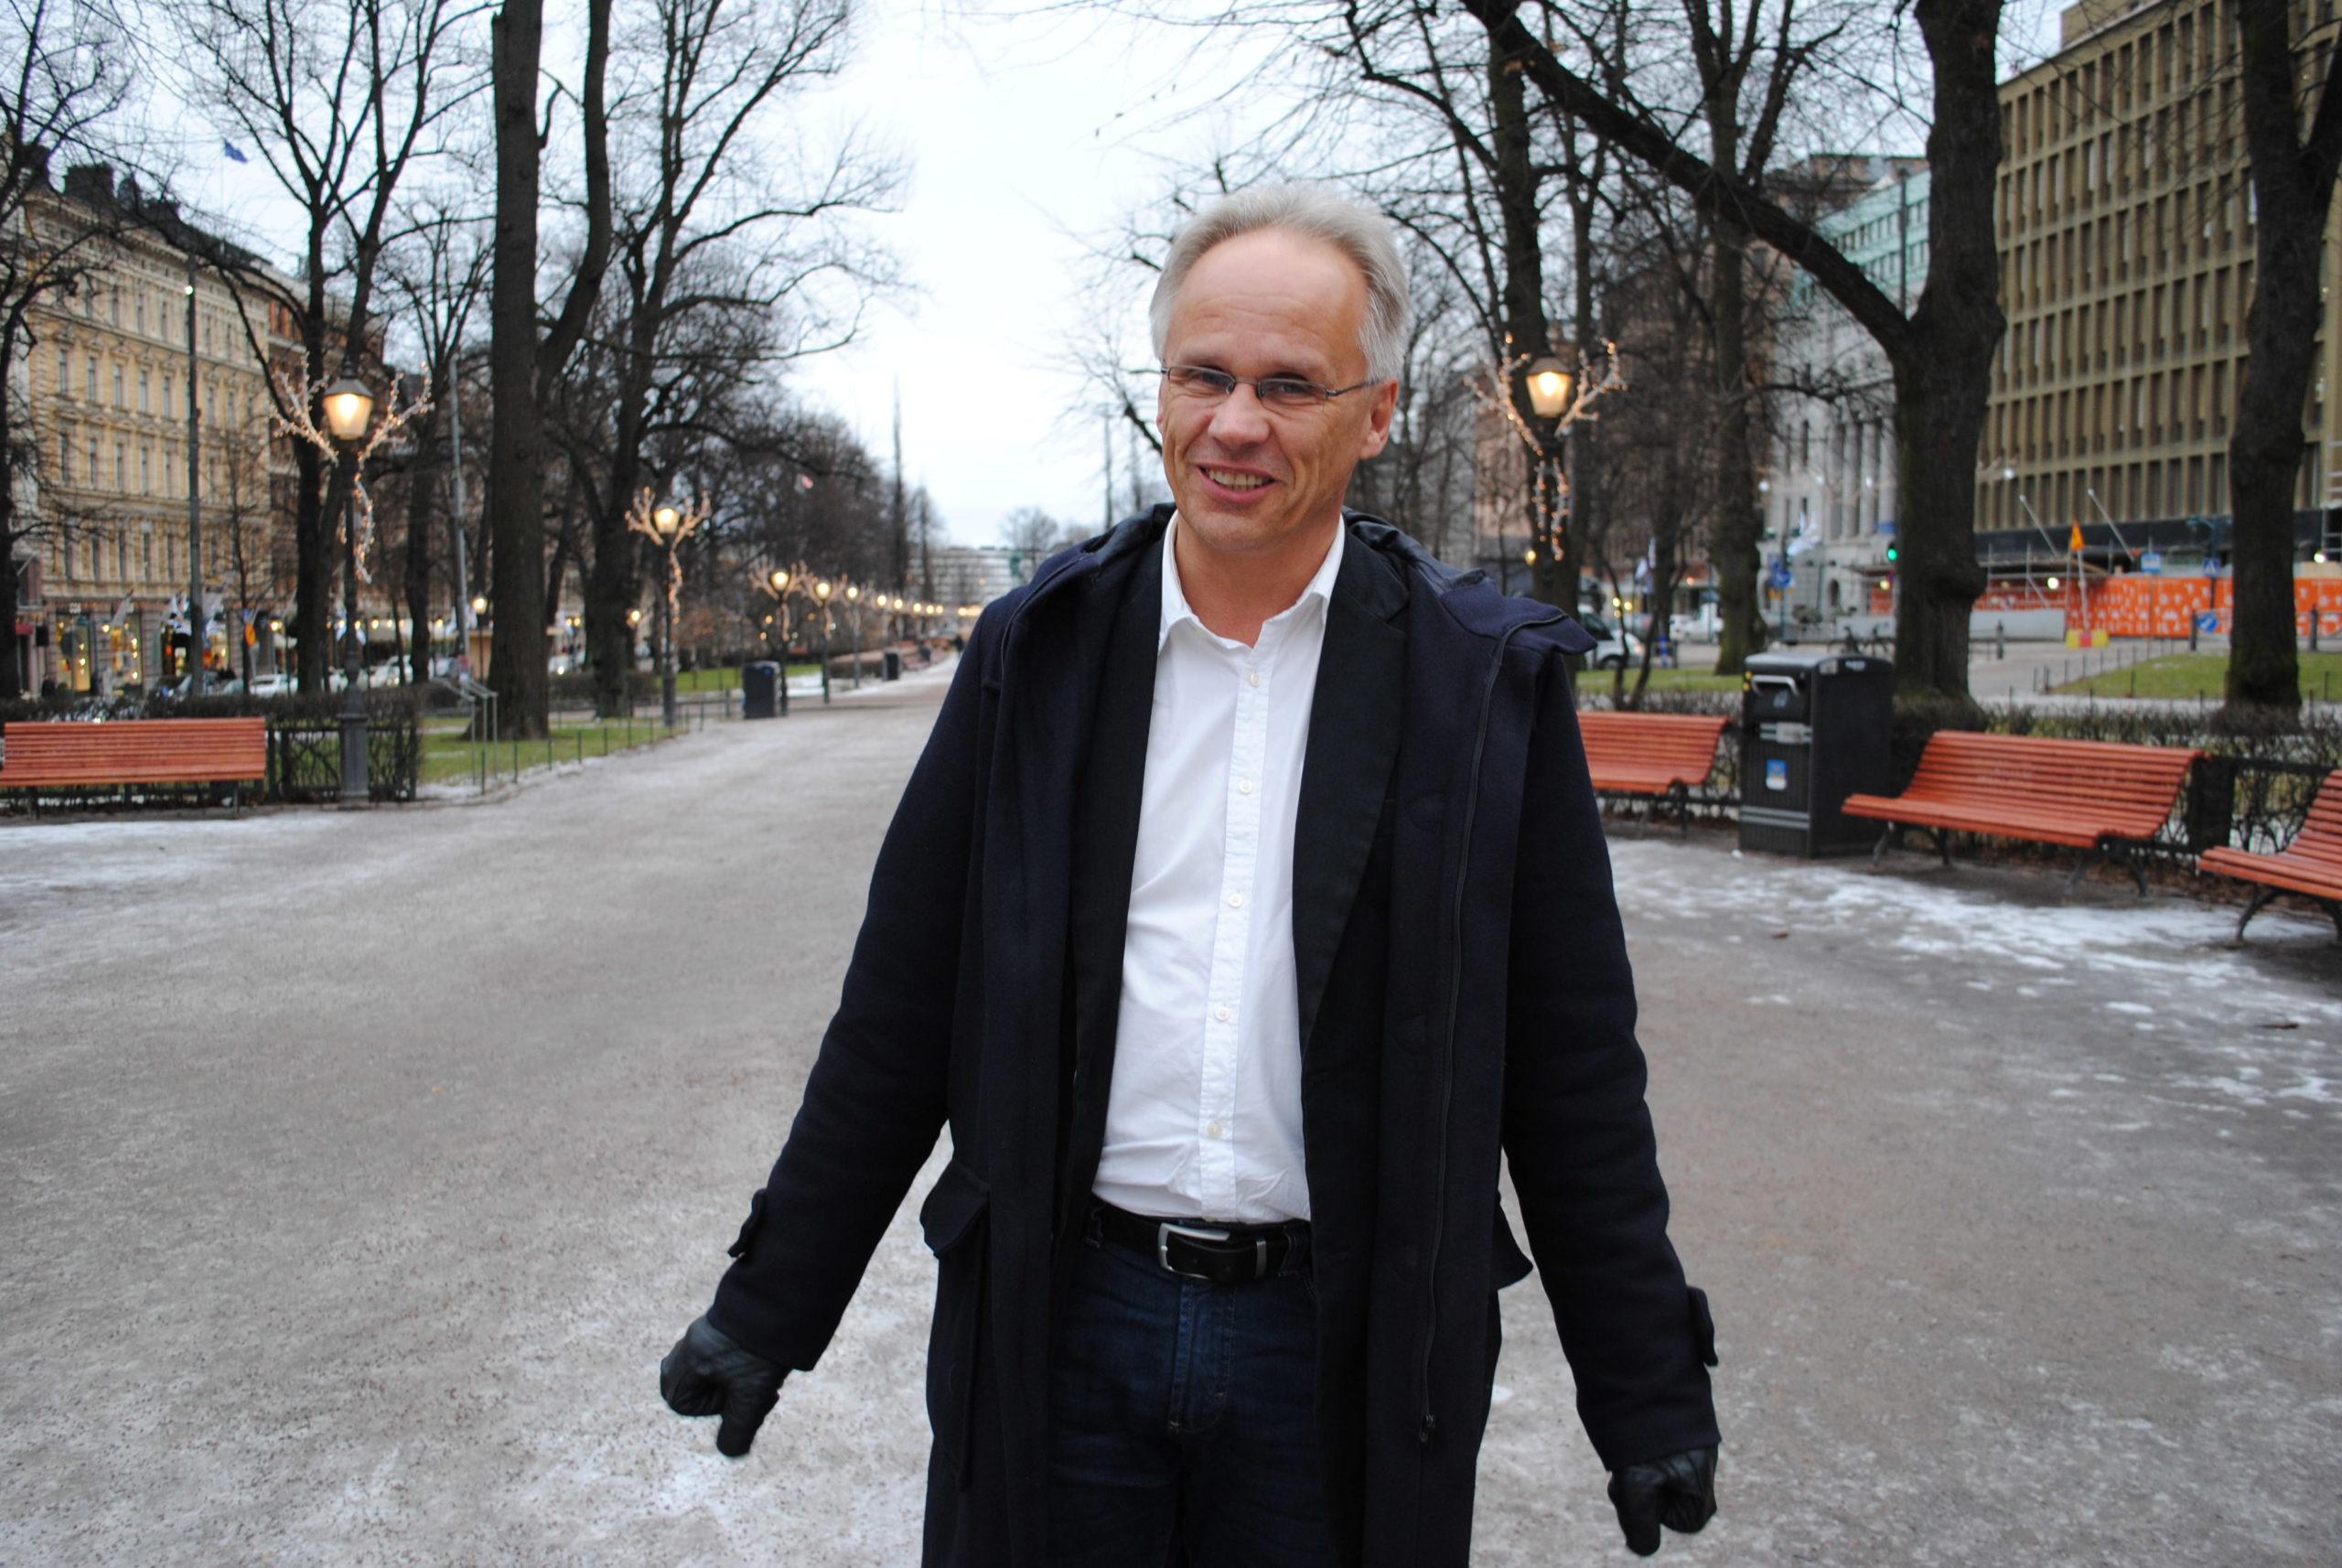 Heino Nyyssönen harrastaa poliittista matkailua. »En usko, mitä Unkarista kirjoitetaan, vaan menen paikan päälle katsomaan. Se tulee toimittajataustastani.»